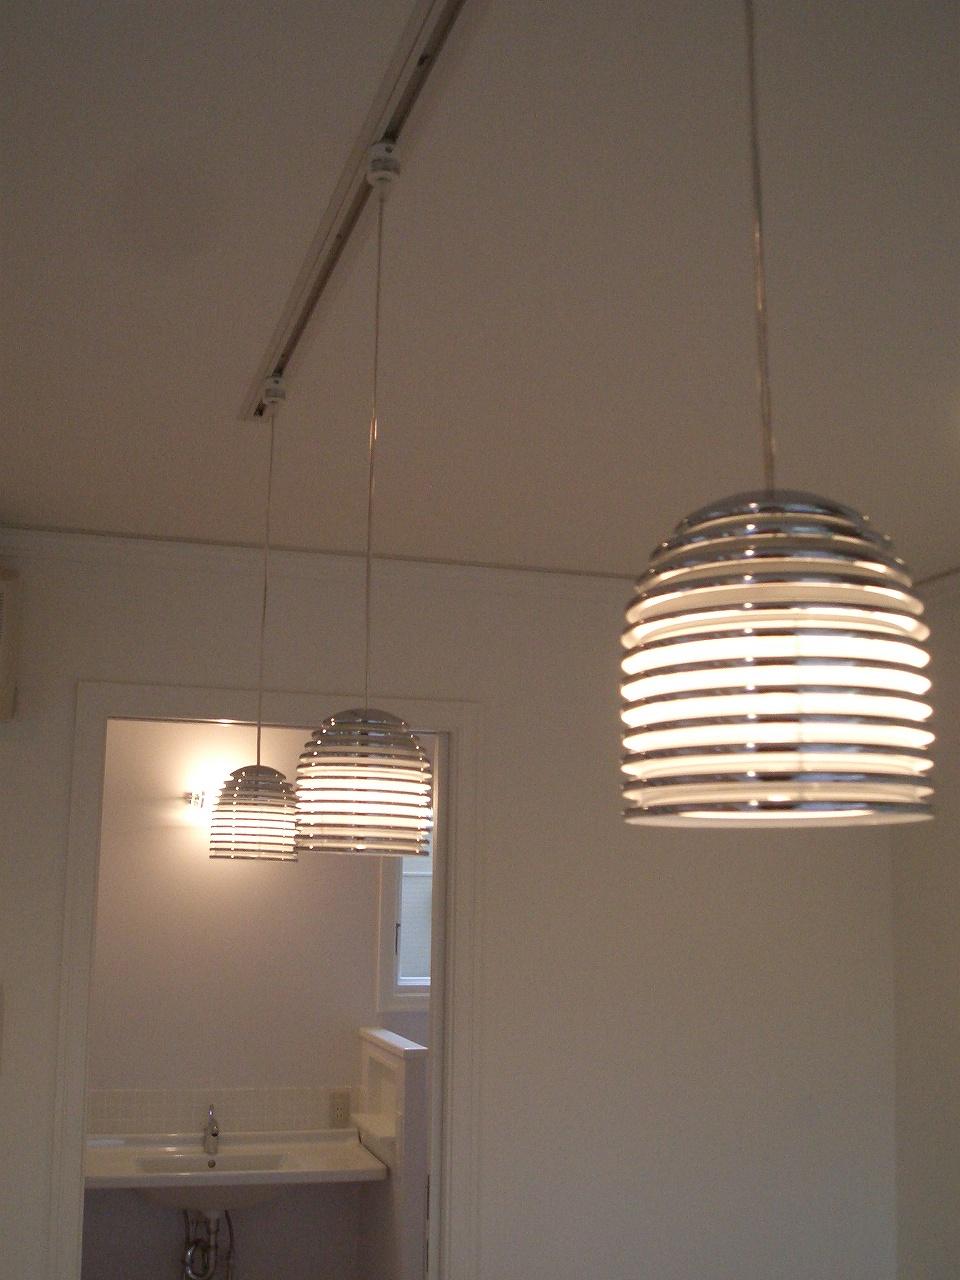 アイランドキッチン上のモダンなペンダント照明